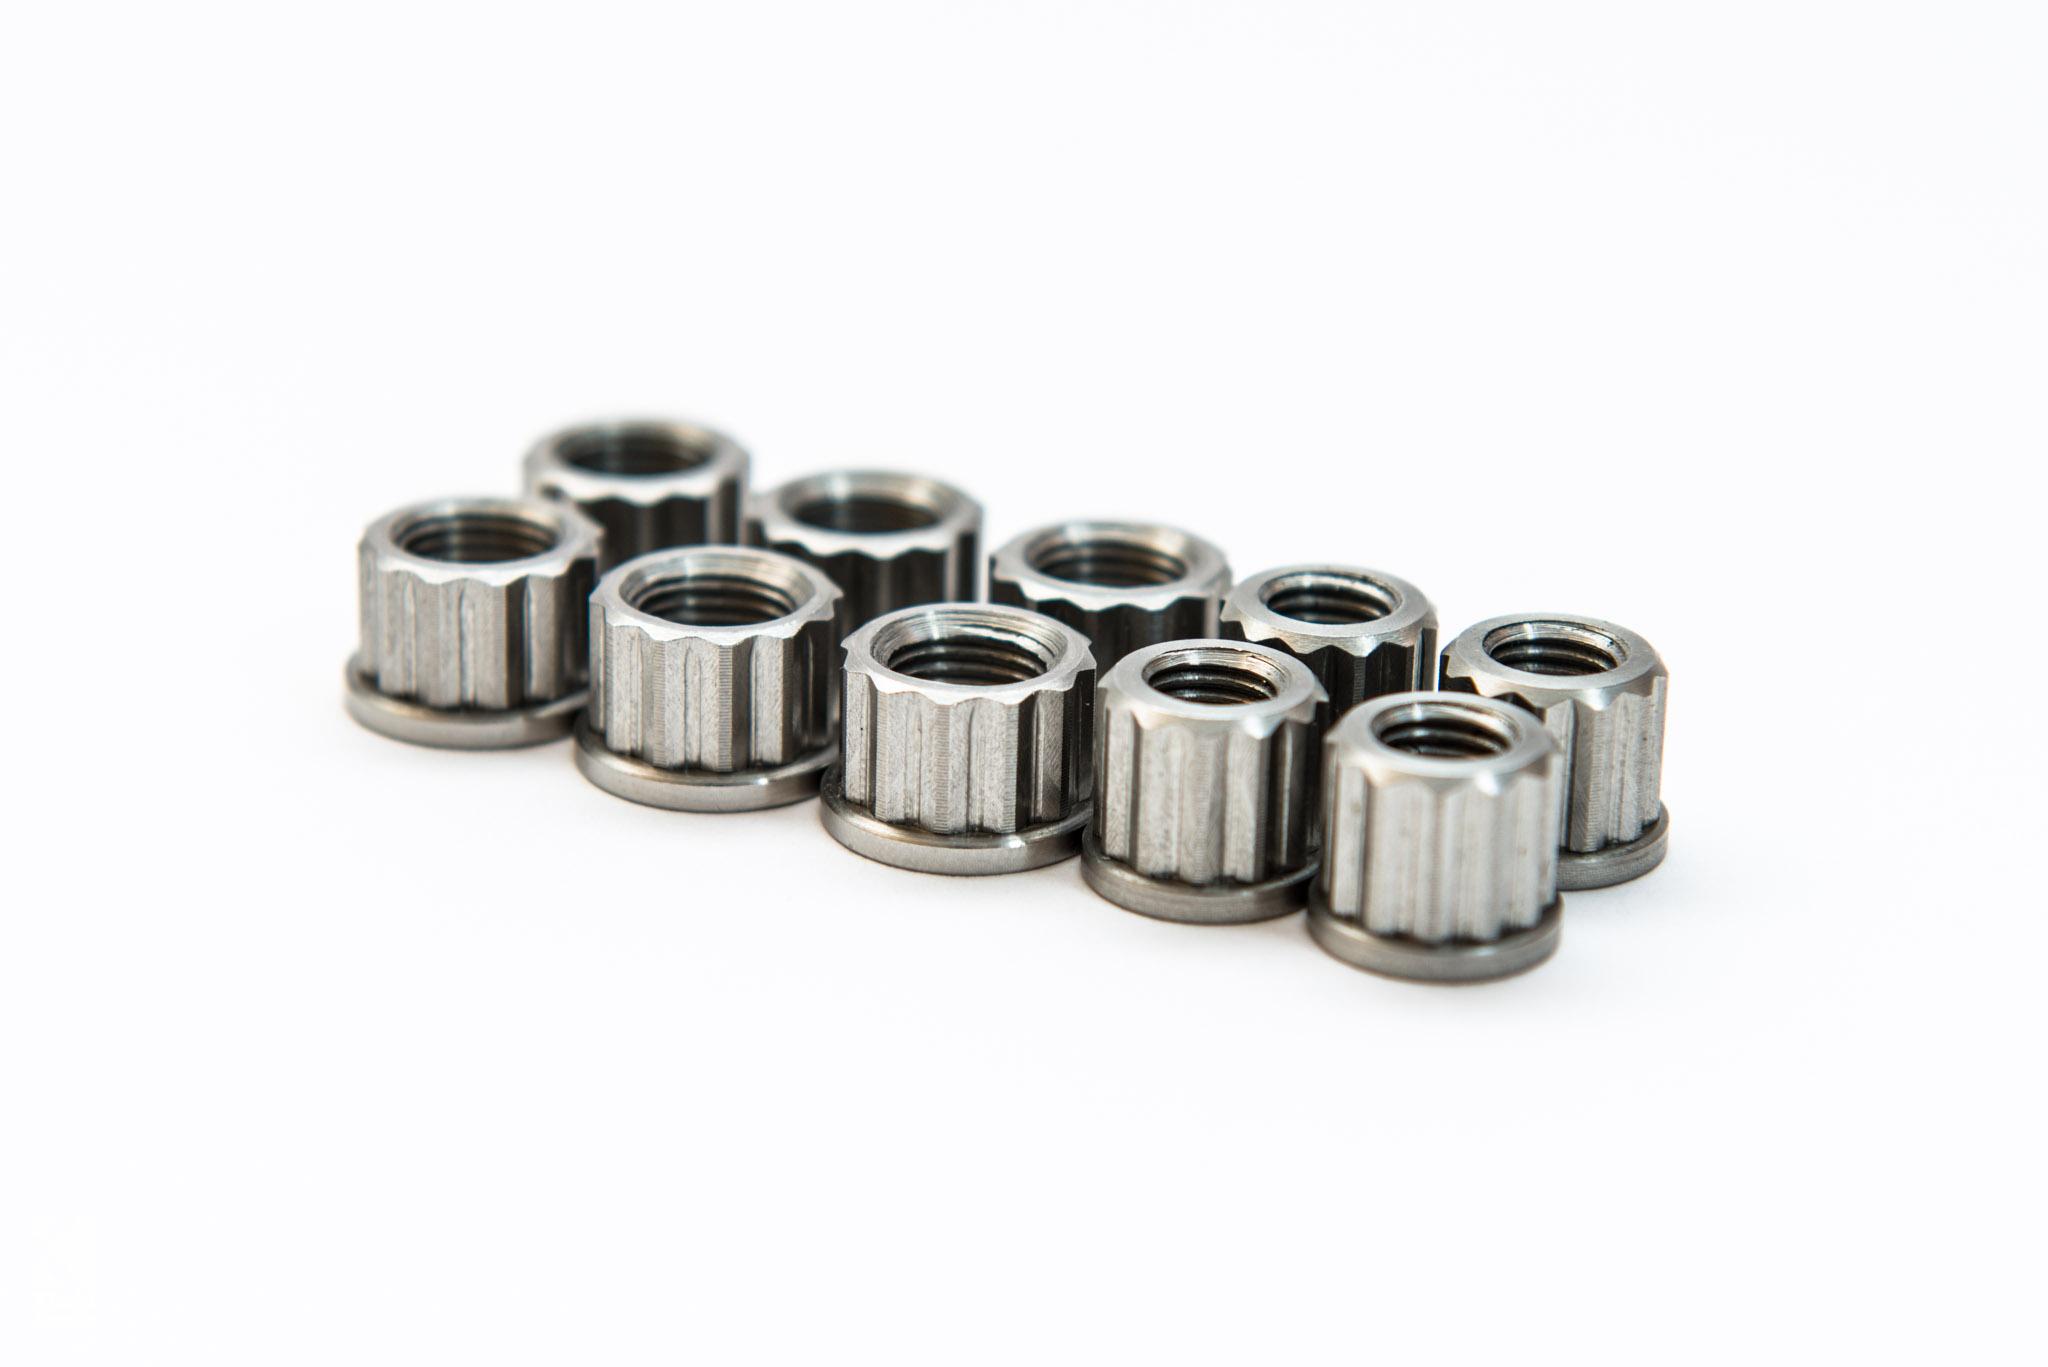 Morgo Base Nuts